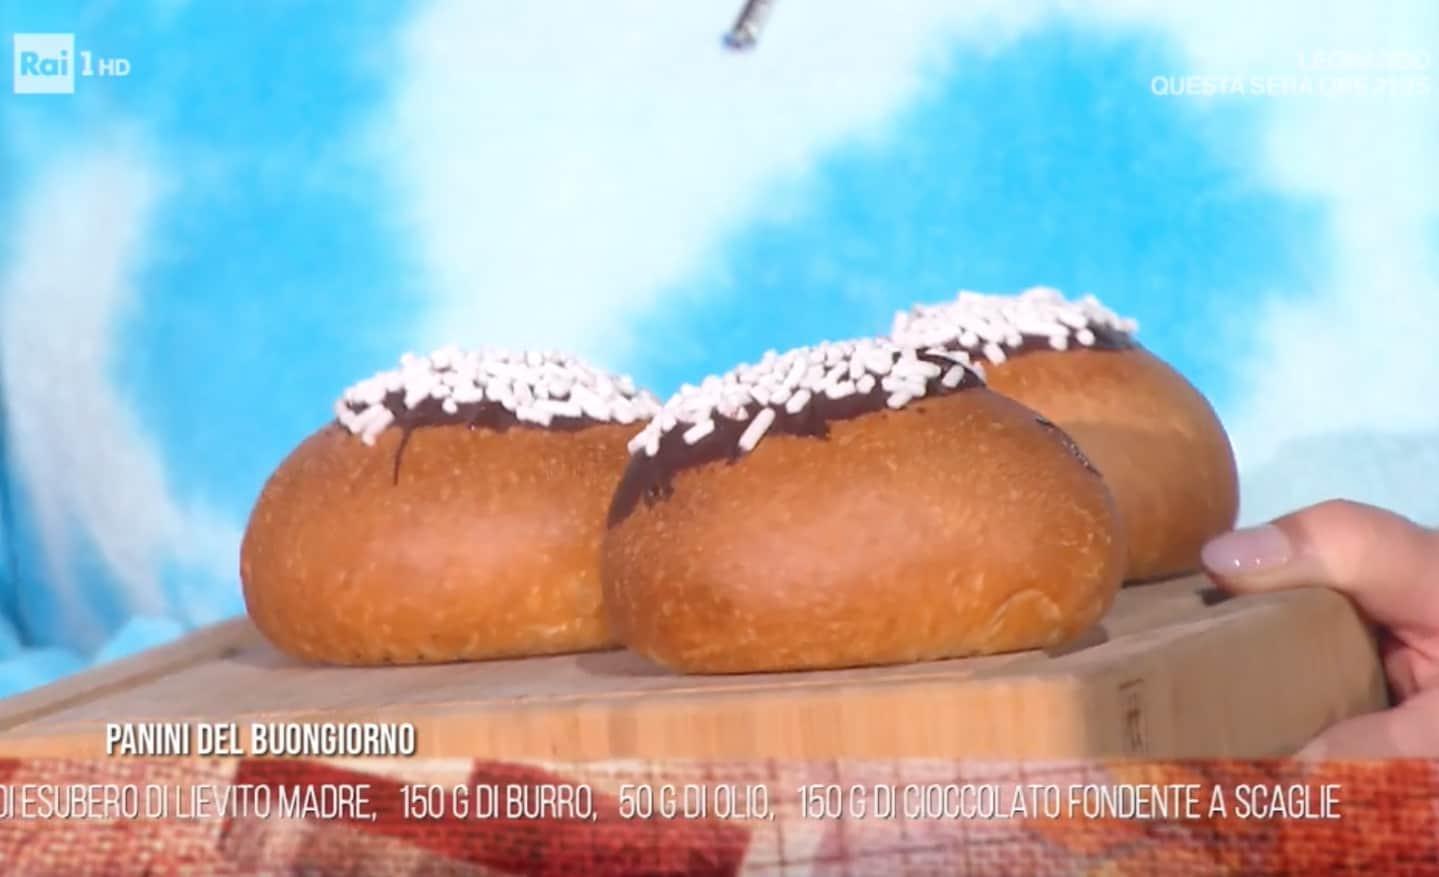 Panini dolci del buongiorno, la ricetta di Fulvio Marino